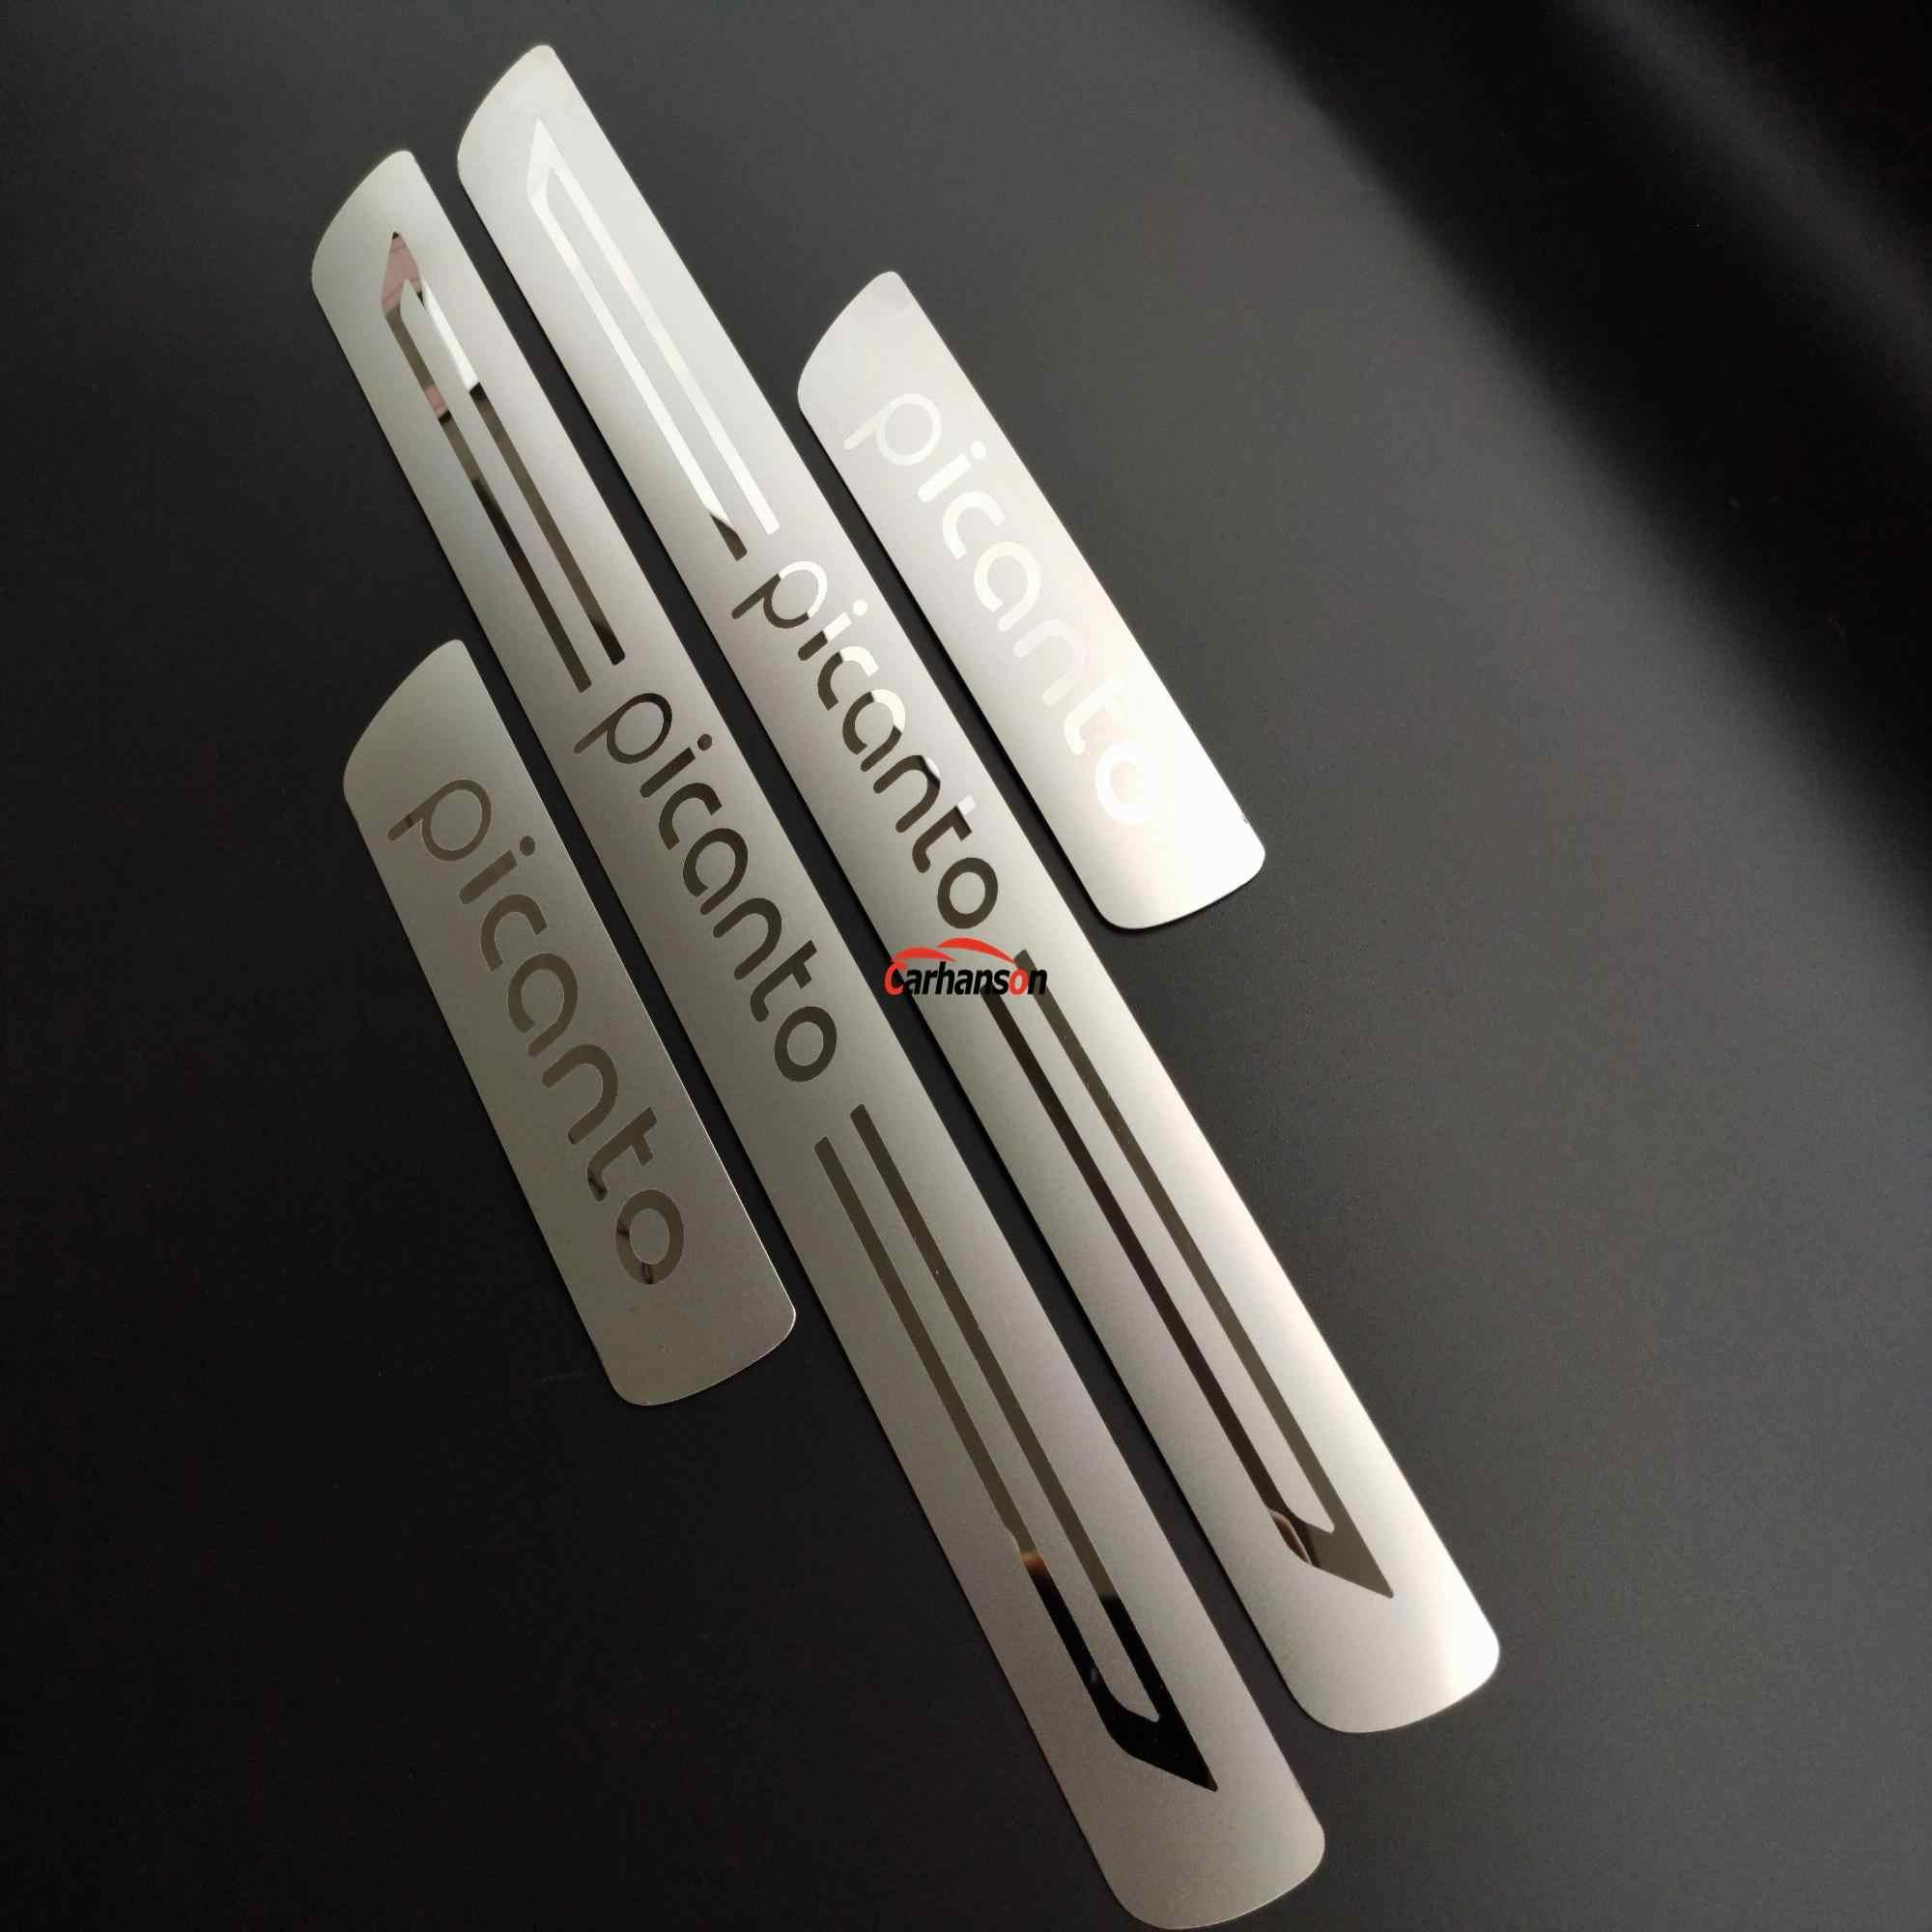 Автомобильные аксессуары для Kia Picanto из нержавеющей стали дверной порог Стайлинг Автомобильная педаль накладка протектор Защита 2013 2015 2016 2019